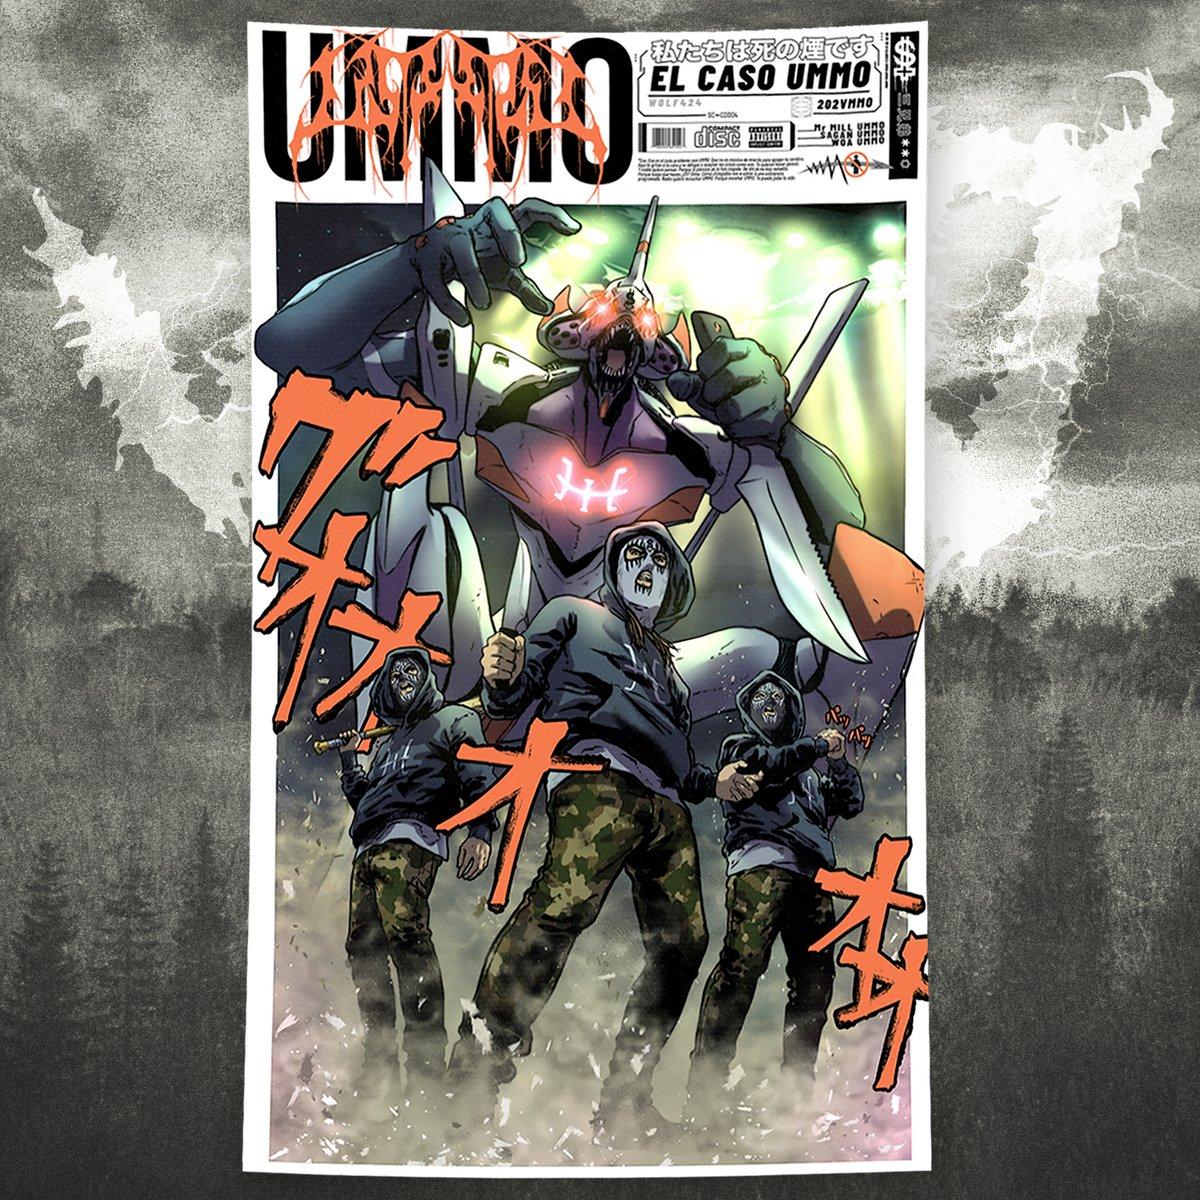 Image of Bandera GIGANTE 'EL CASO UMMO'